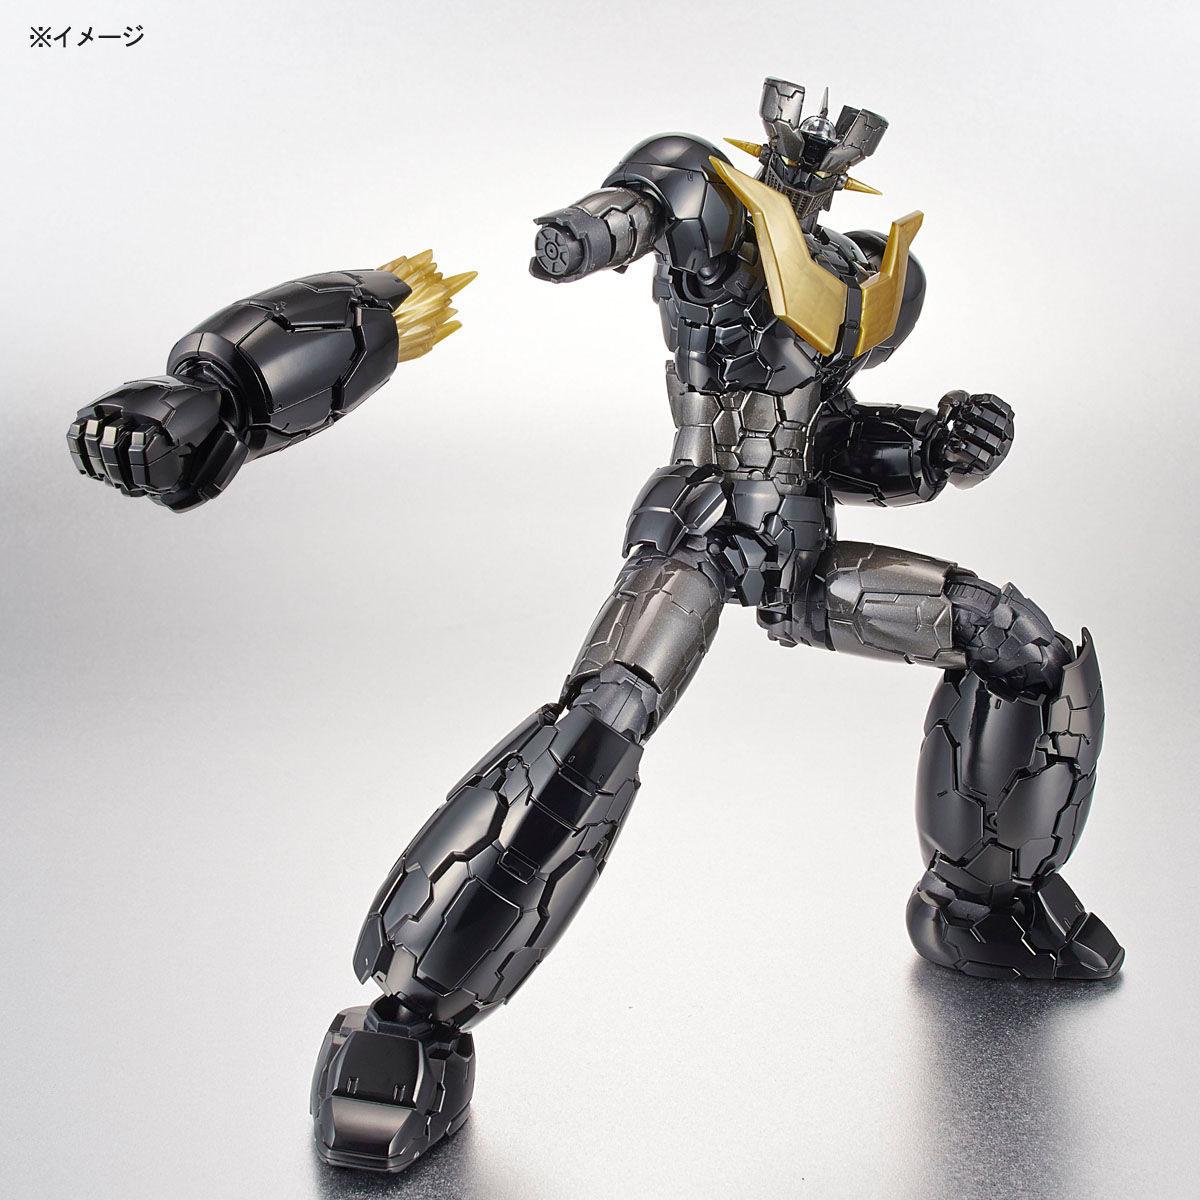 【限定販売】HG 1/144『マジンガーZ ブラックVer.(マジンガーZ INFINITY Ver.)』プラモデル-004